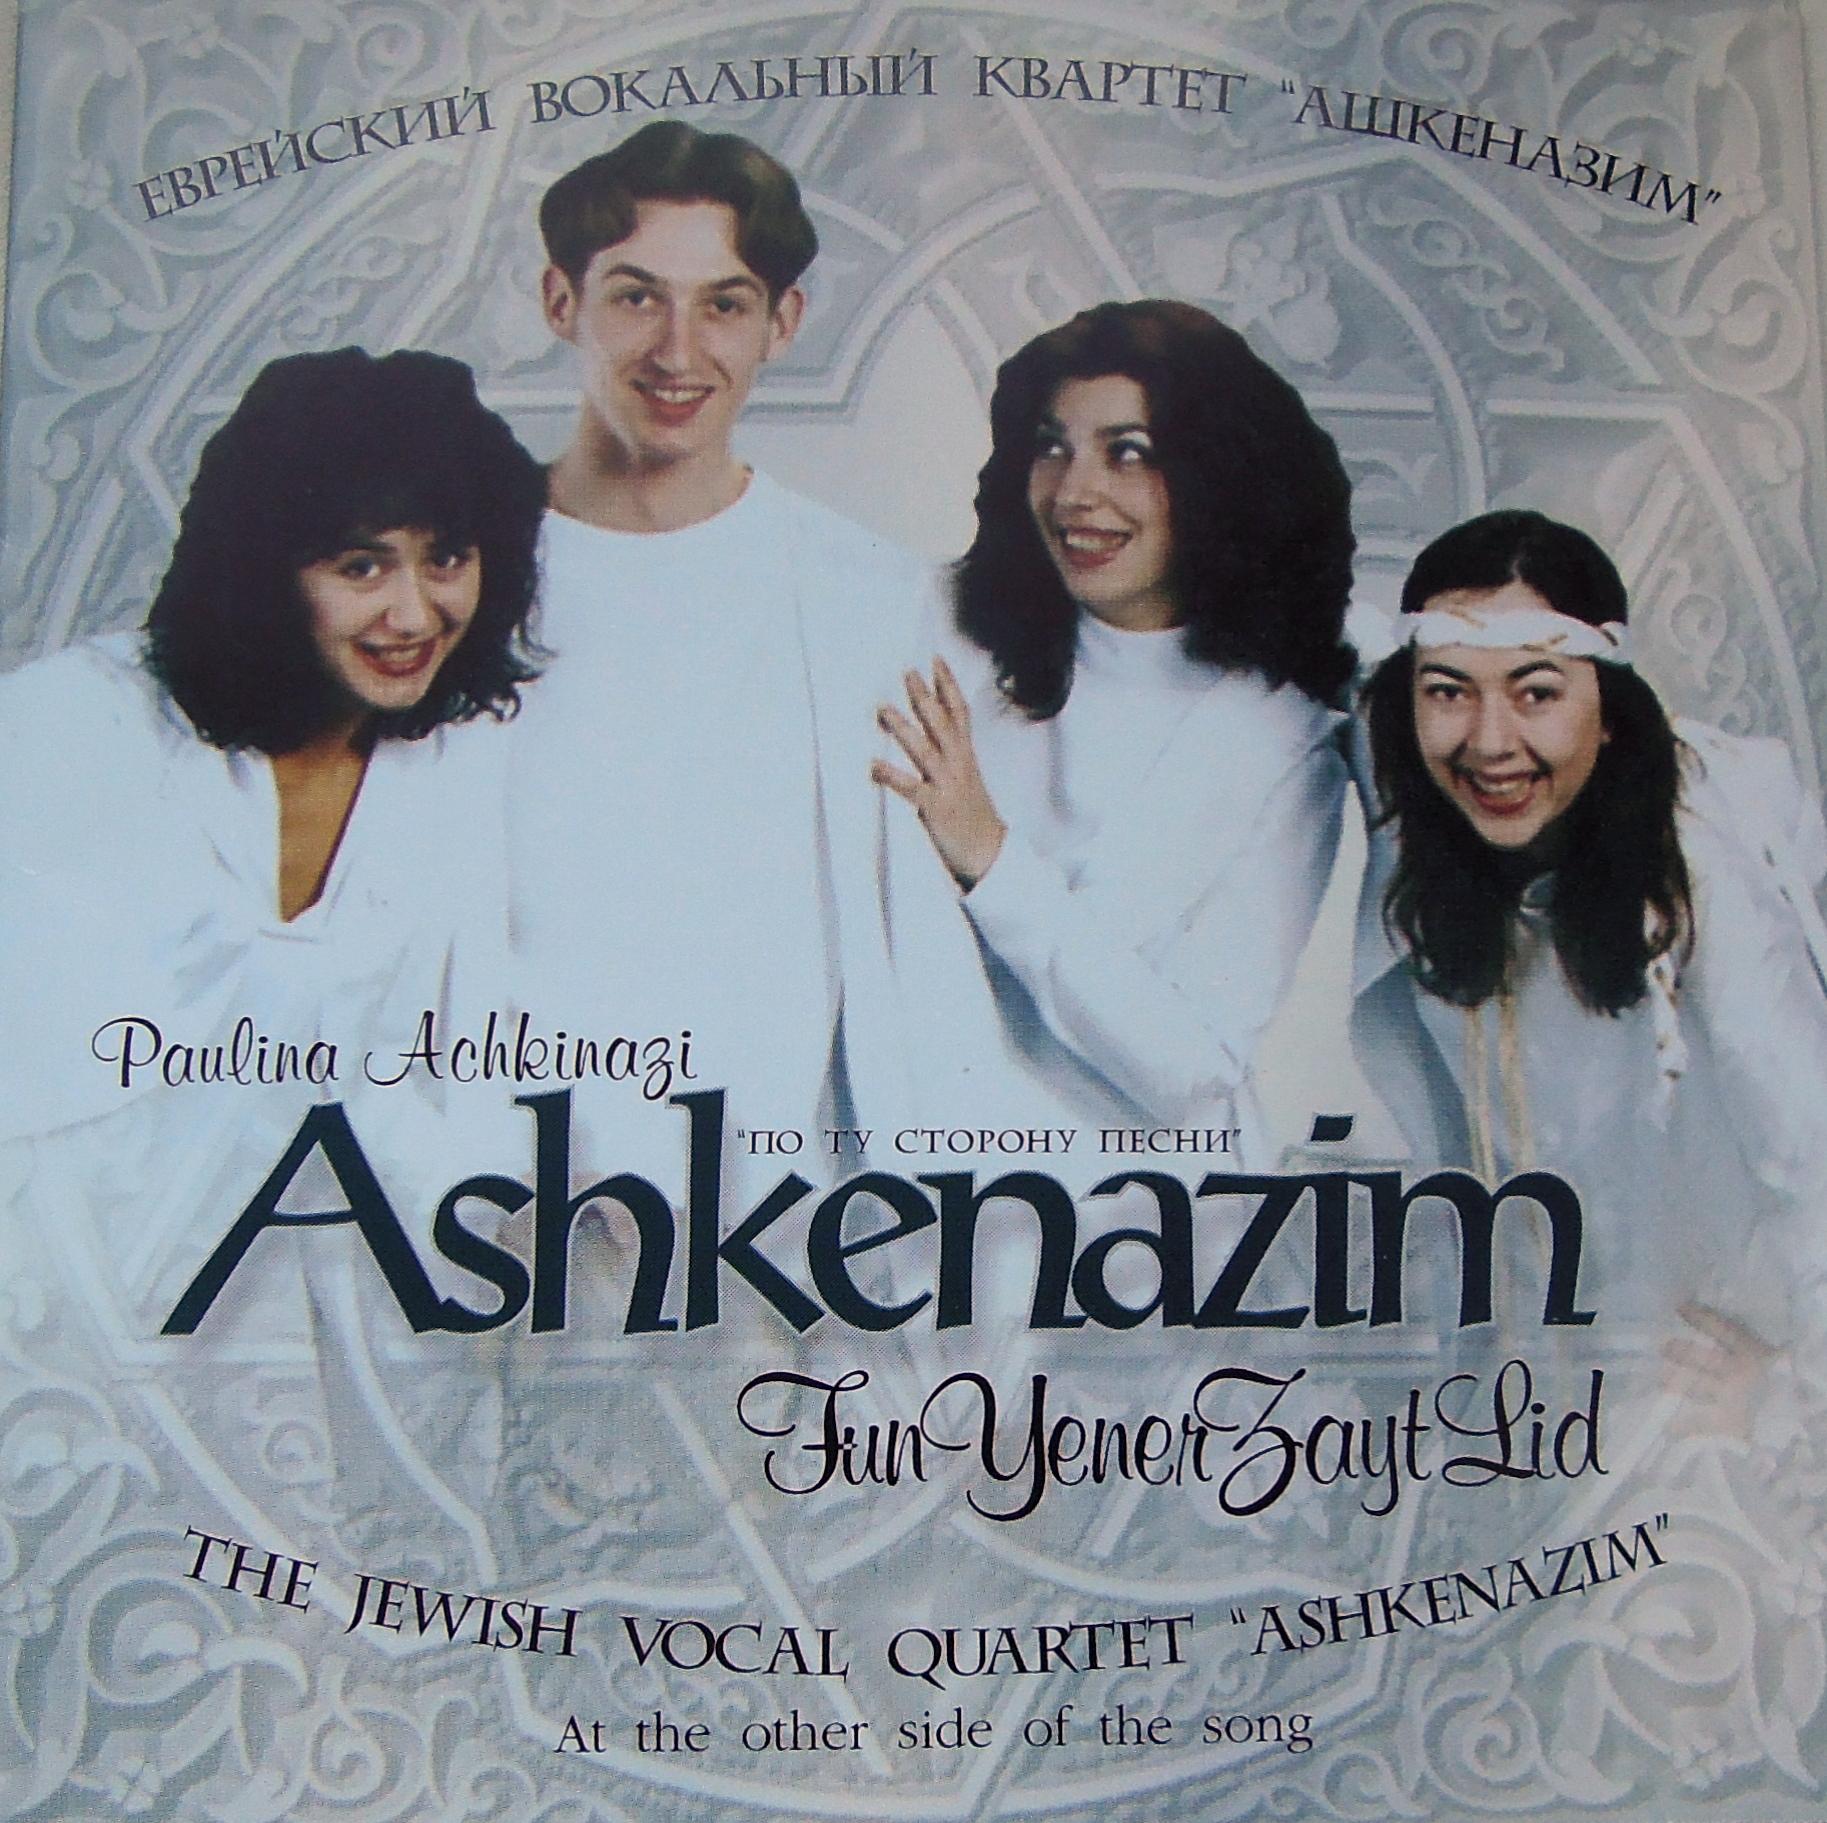 ASHKENAZIM